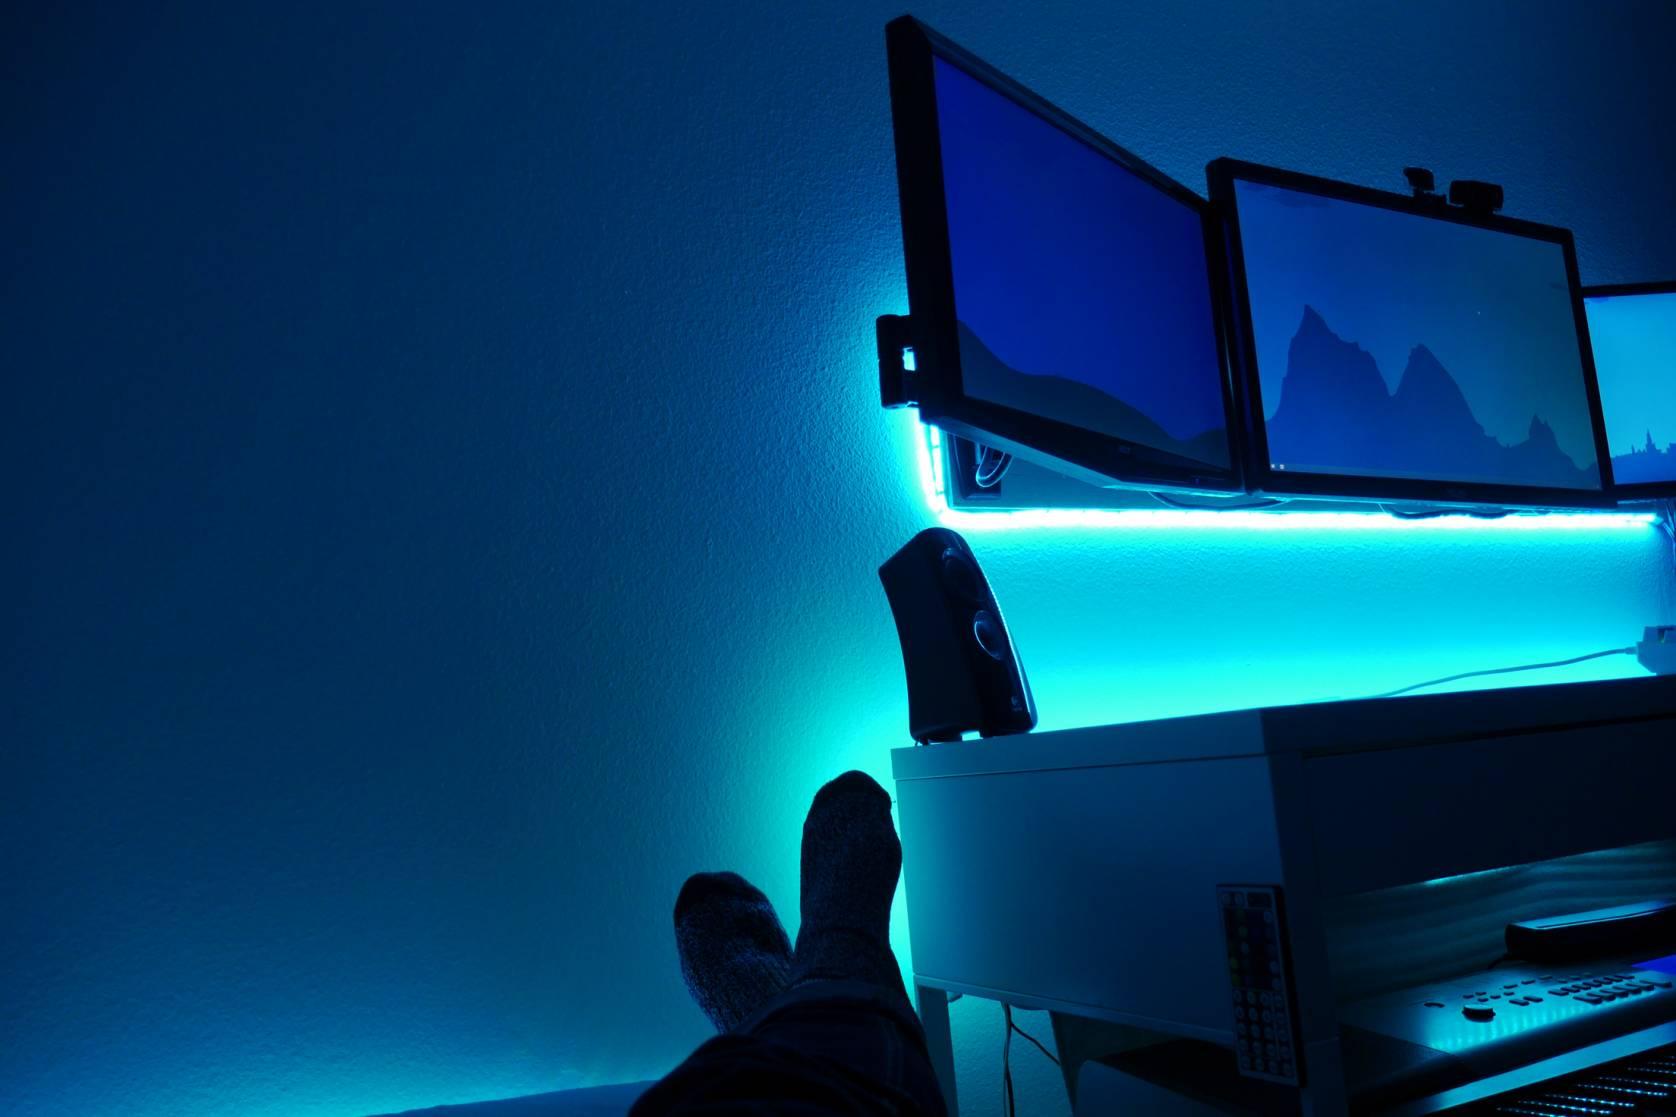 TV computer glow